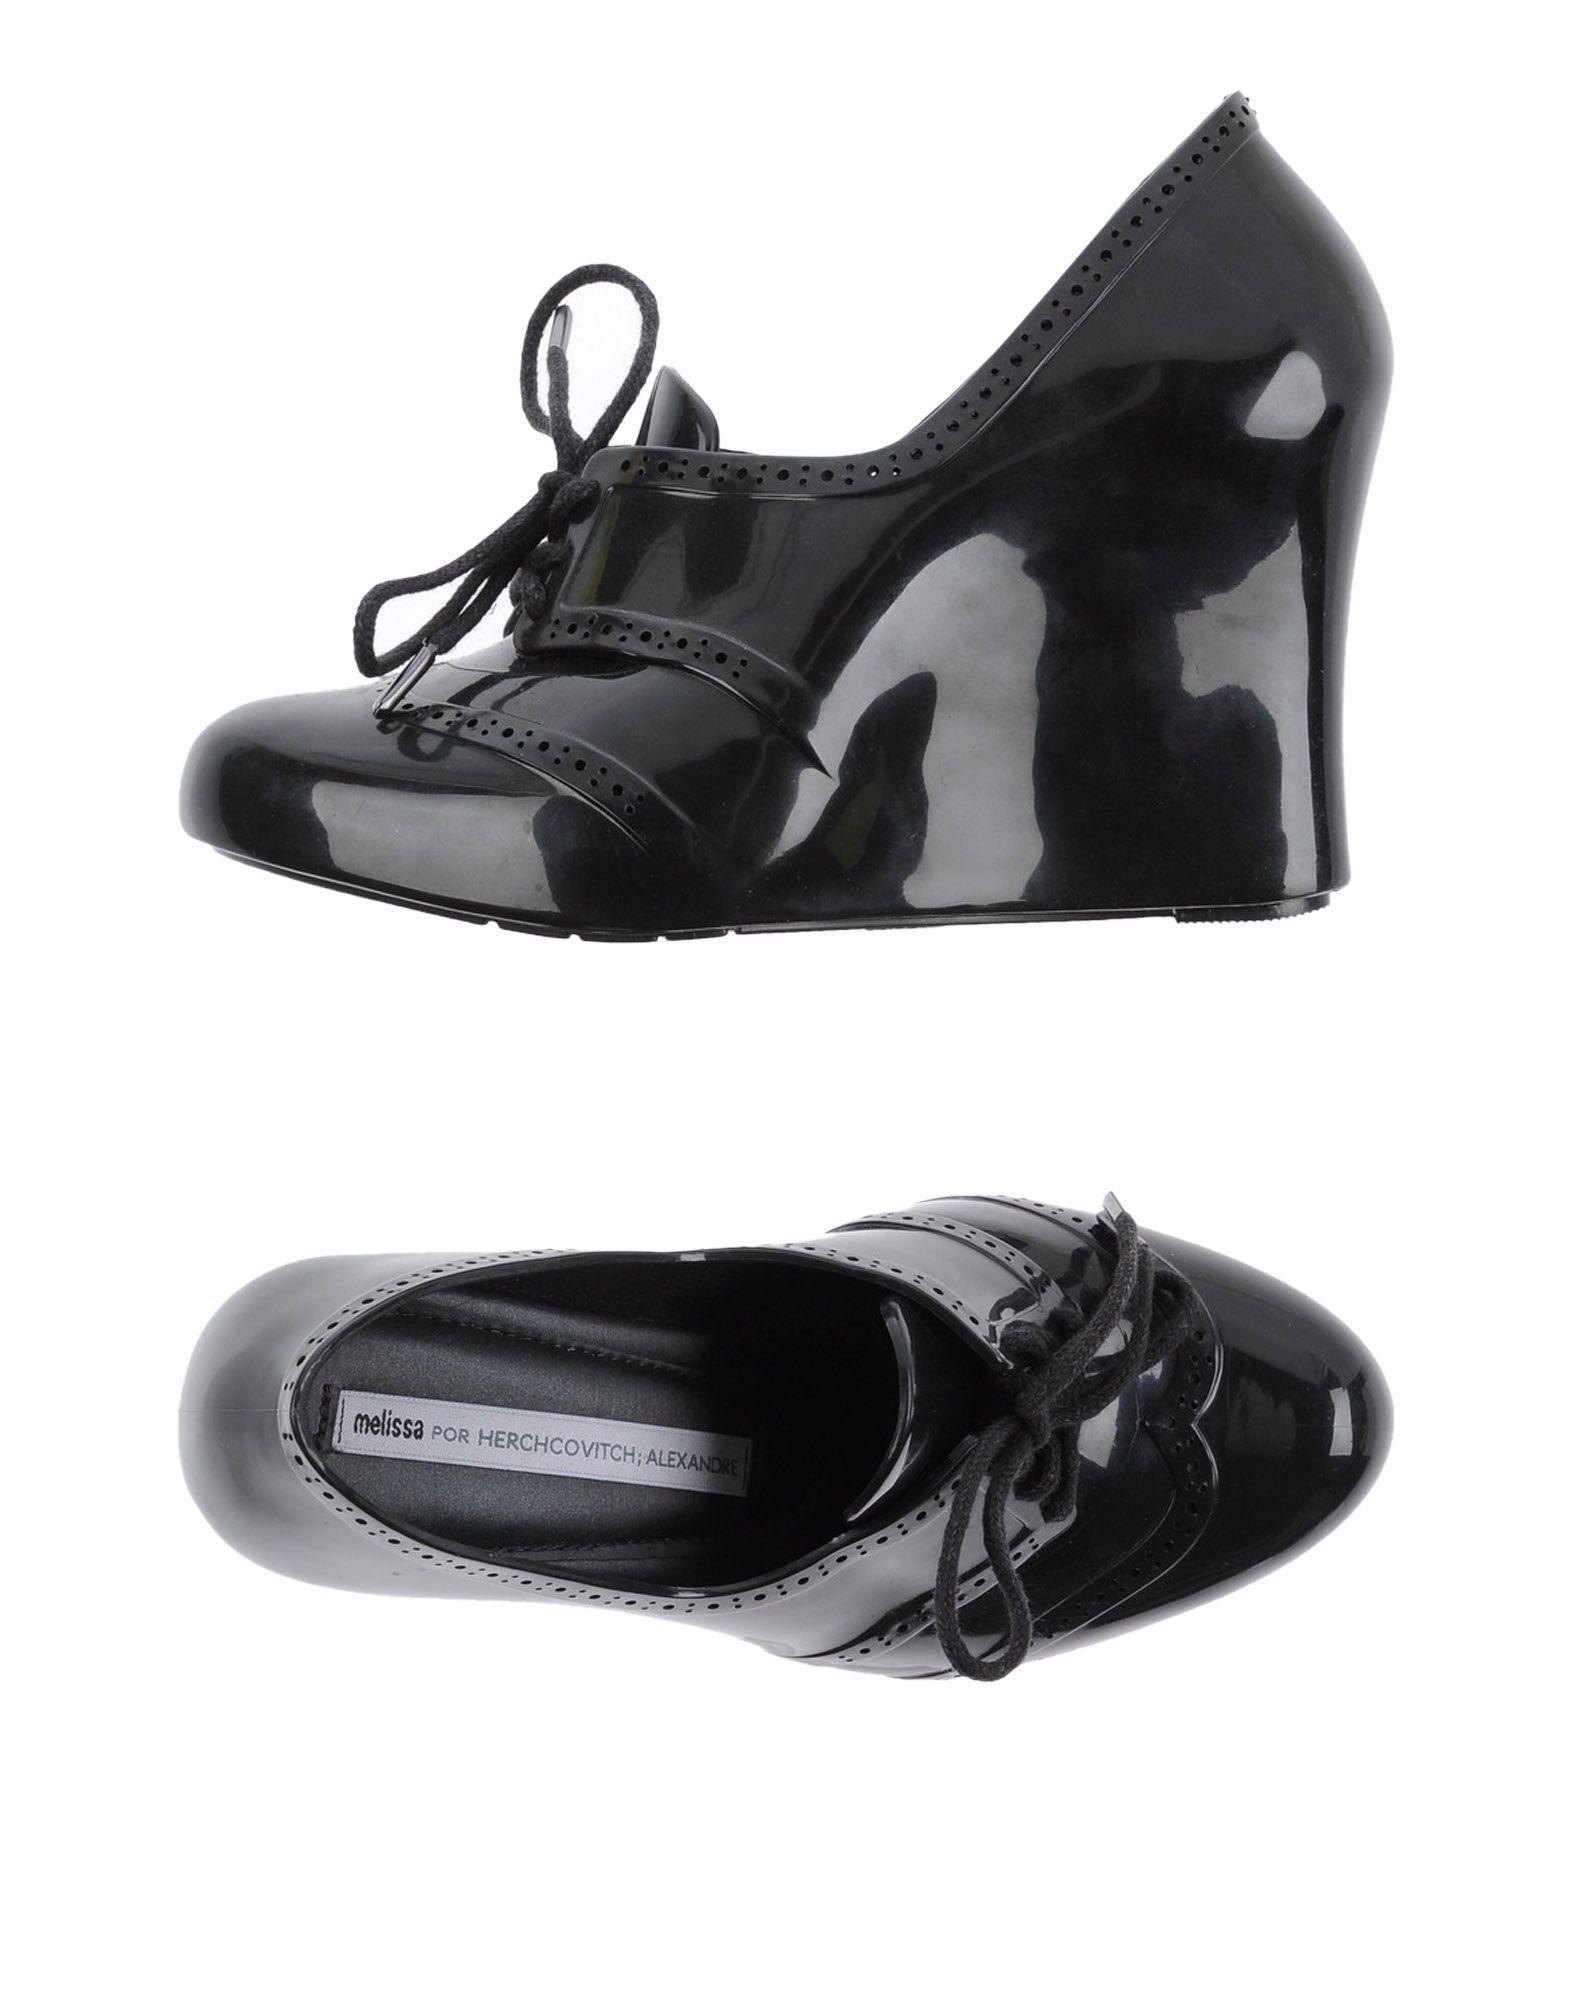 Chaussures À Lacets Melissa + Alexandre Herchcovitch Femme - Chaussures À Lacets Melissa + Alexandre Herchcovitch sur